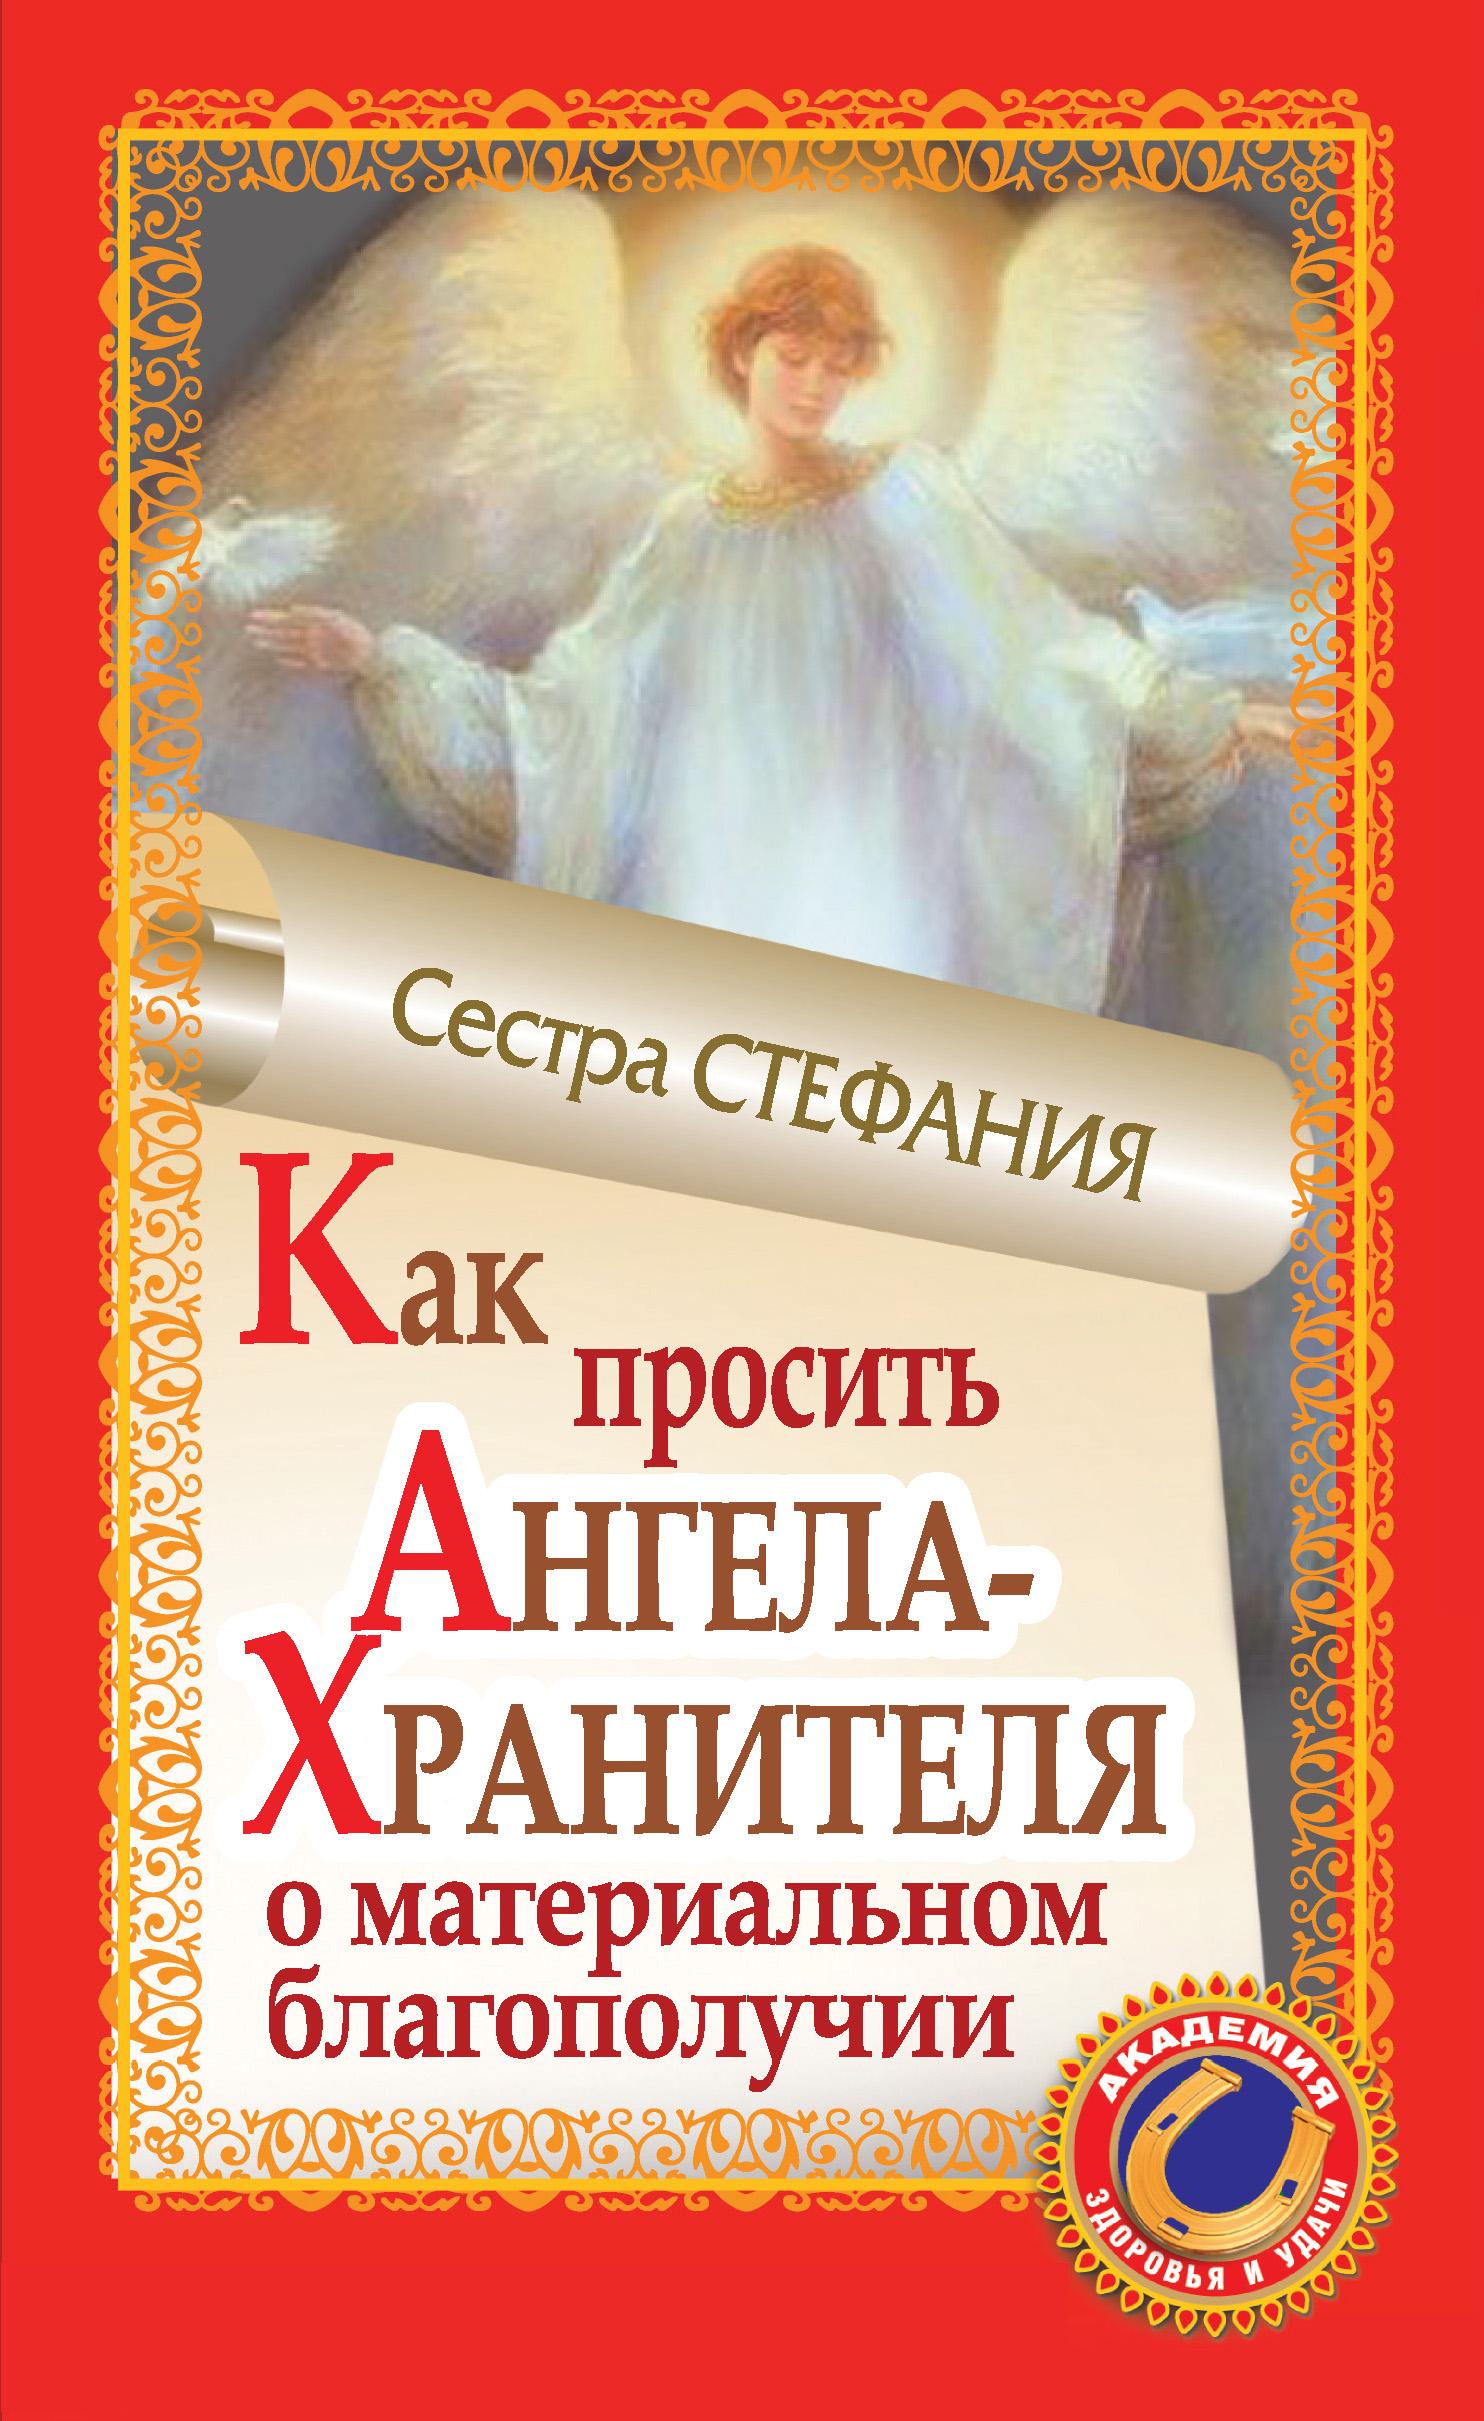 Сестра Стефания Как просить Ангела-Хранителя о материальном благополучии